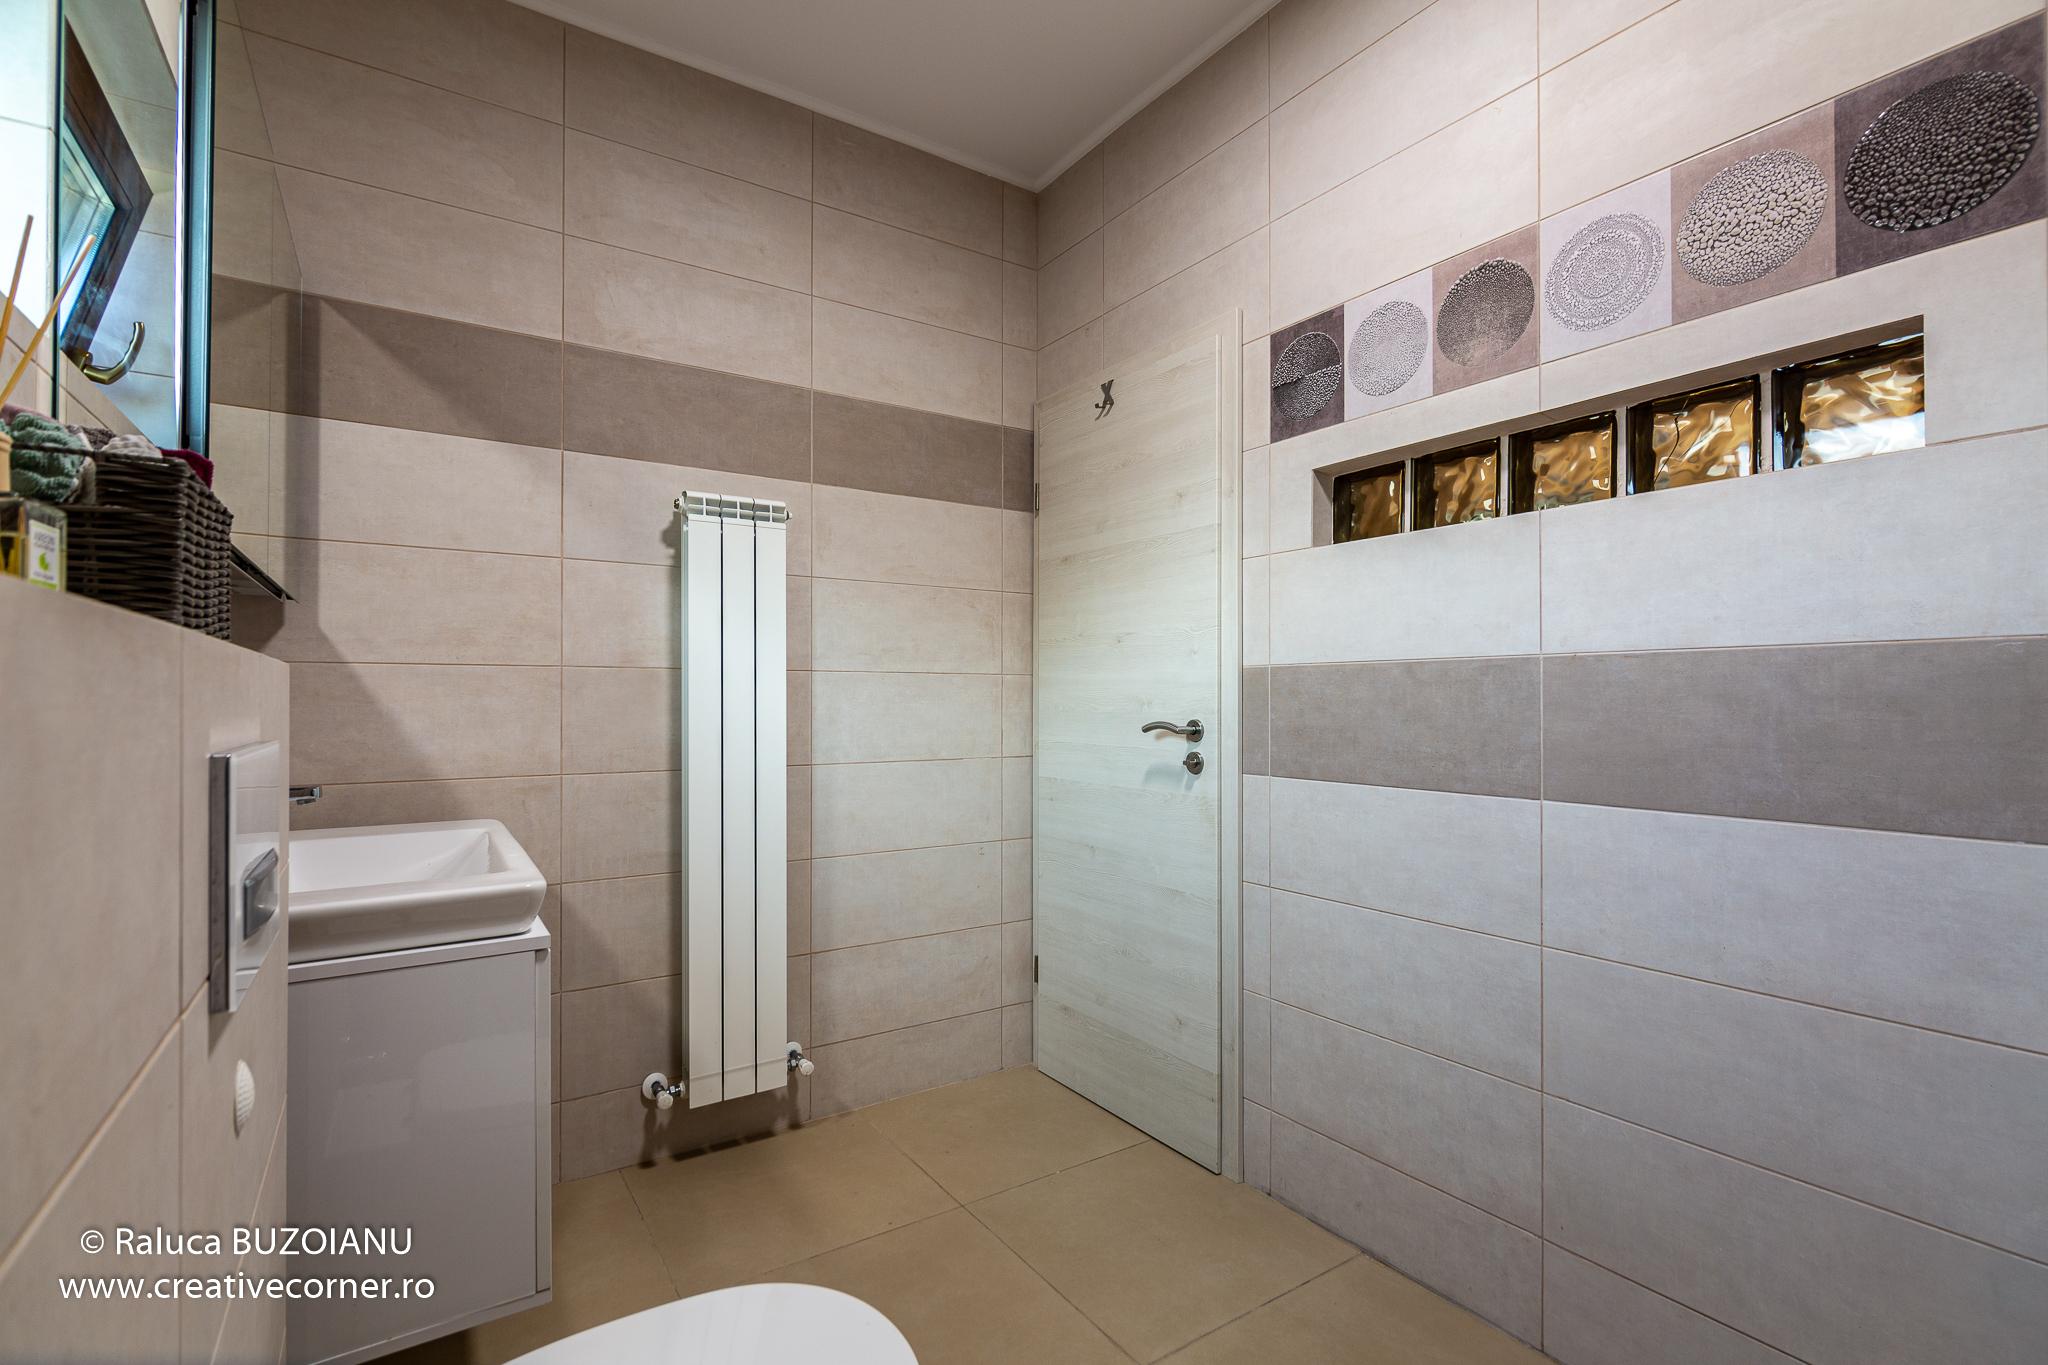 Casa-de-vanzare-Mihail-Kogalniceanu-Constanta-25